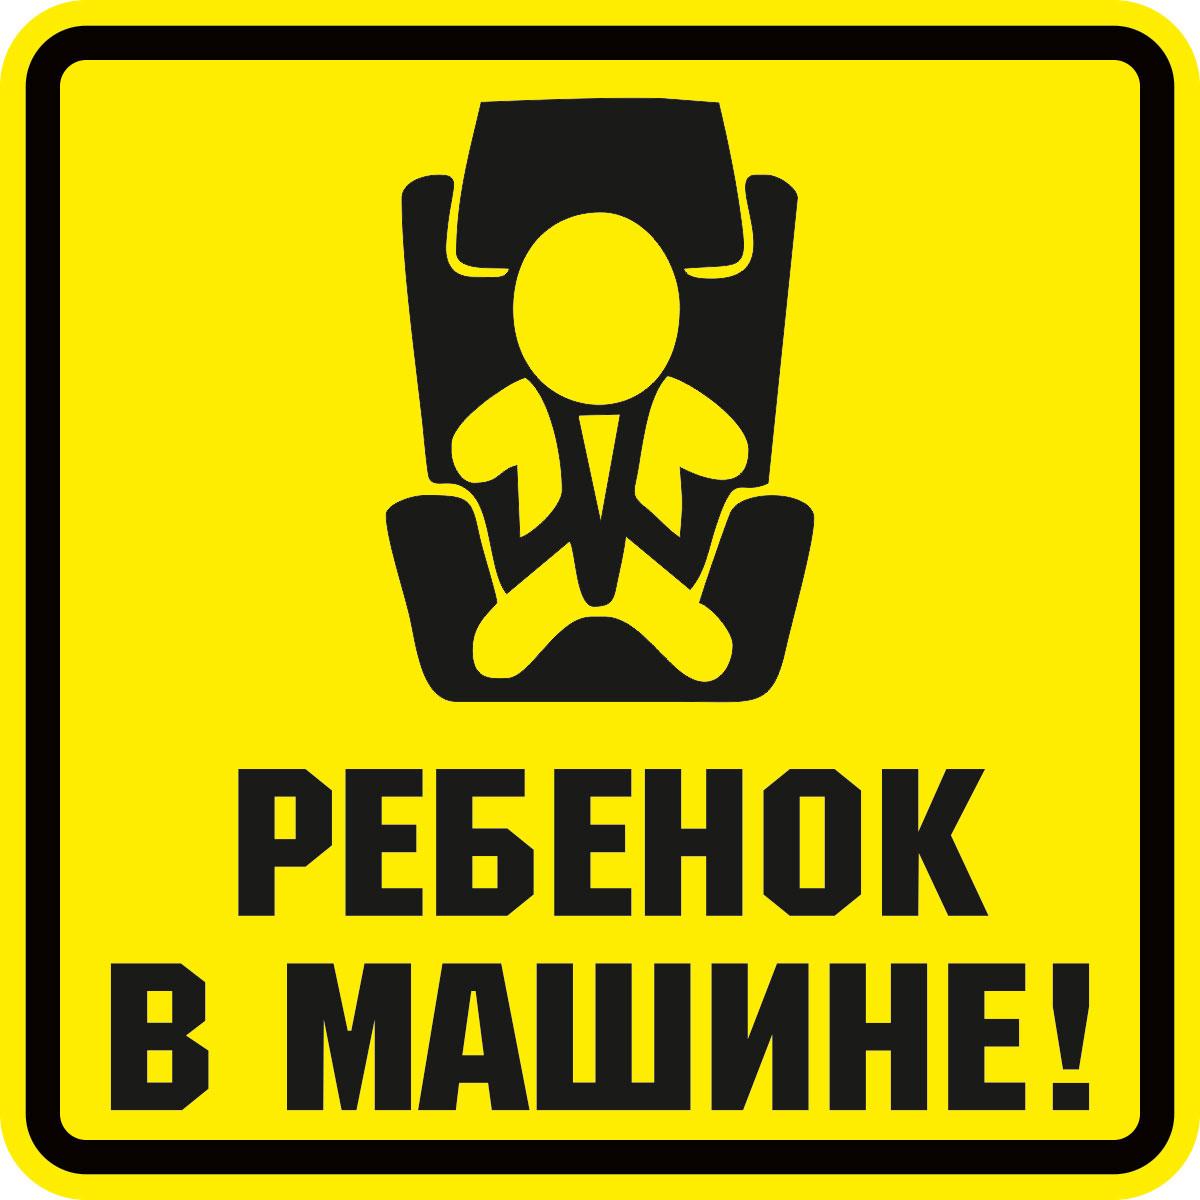 Наклейка автомобильная Оранжевый слоник Ребенок в машине!, виниловая. 150AZ004YB150AZ004YBОригинальная наклейка Оранжевый слоник Ребенок в машине! изготовлена из высококачественной виниловой пленки, которая выполняет не только декоративную функцию, но и защищает кузов автомобиля от небольших механических повреждений, либо скрывает уже существующие. Виниловые наклейки на автомобиль - это не только красиво, но еще и быстро! Всего за несколько минут вы можете полностью преобразить свой автомобиль, сделать его ярким, необычным, особенным и неповторимым!